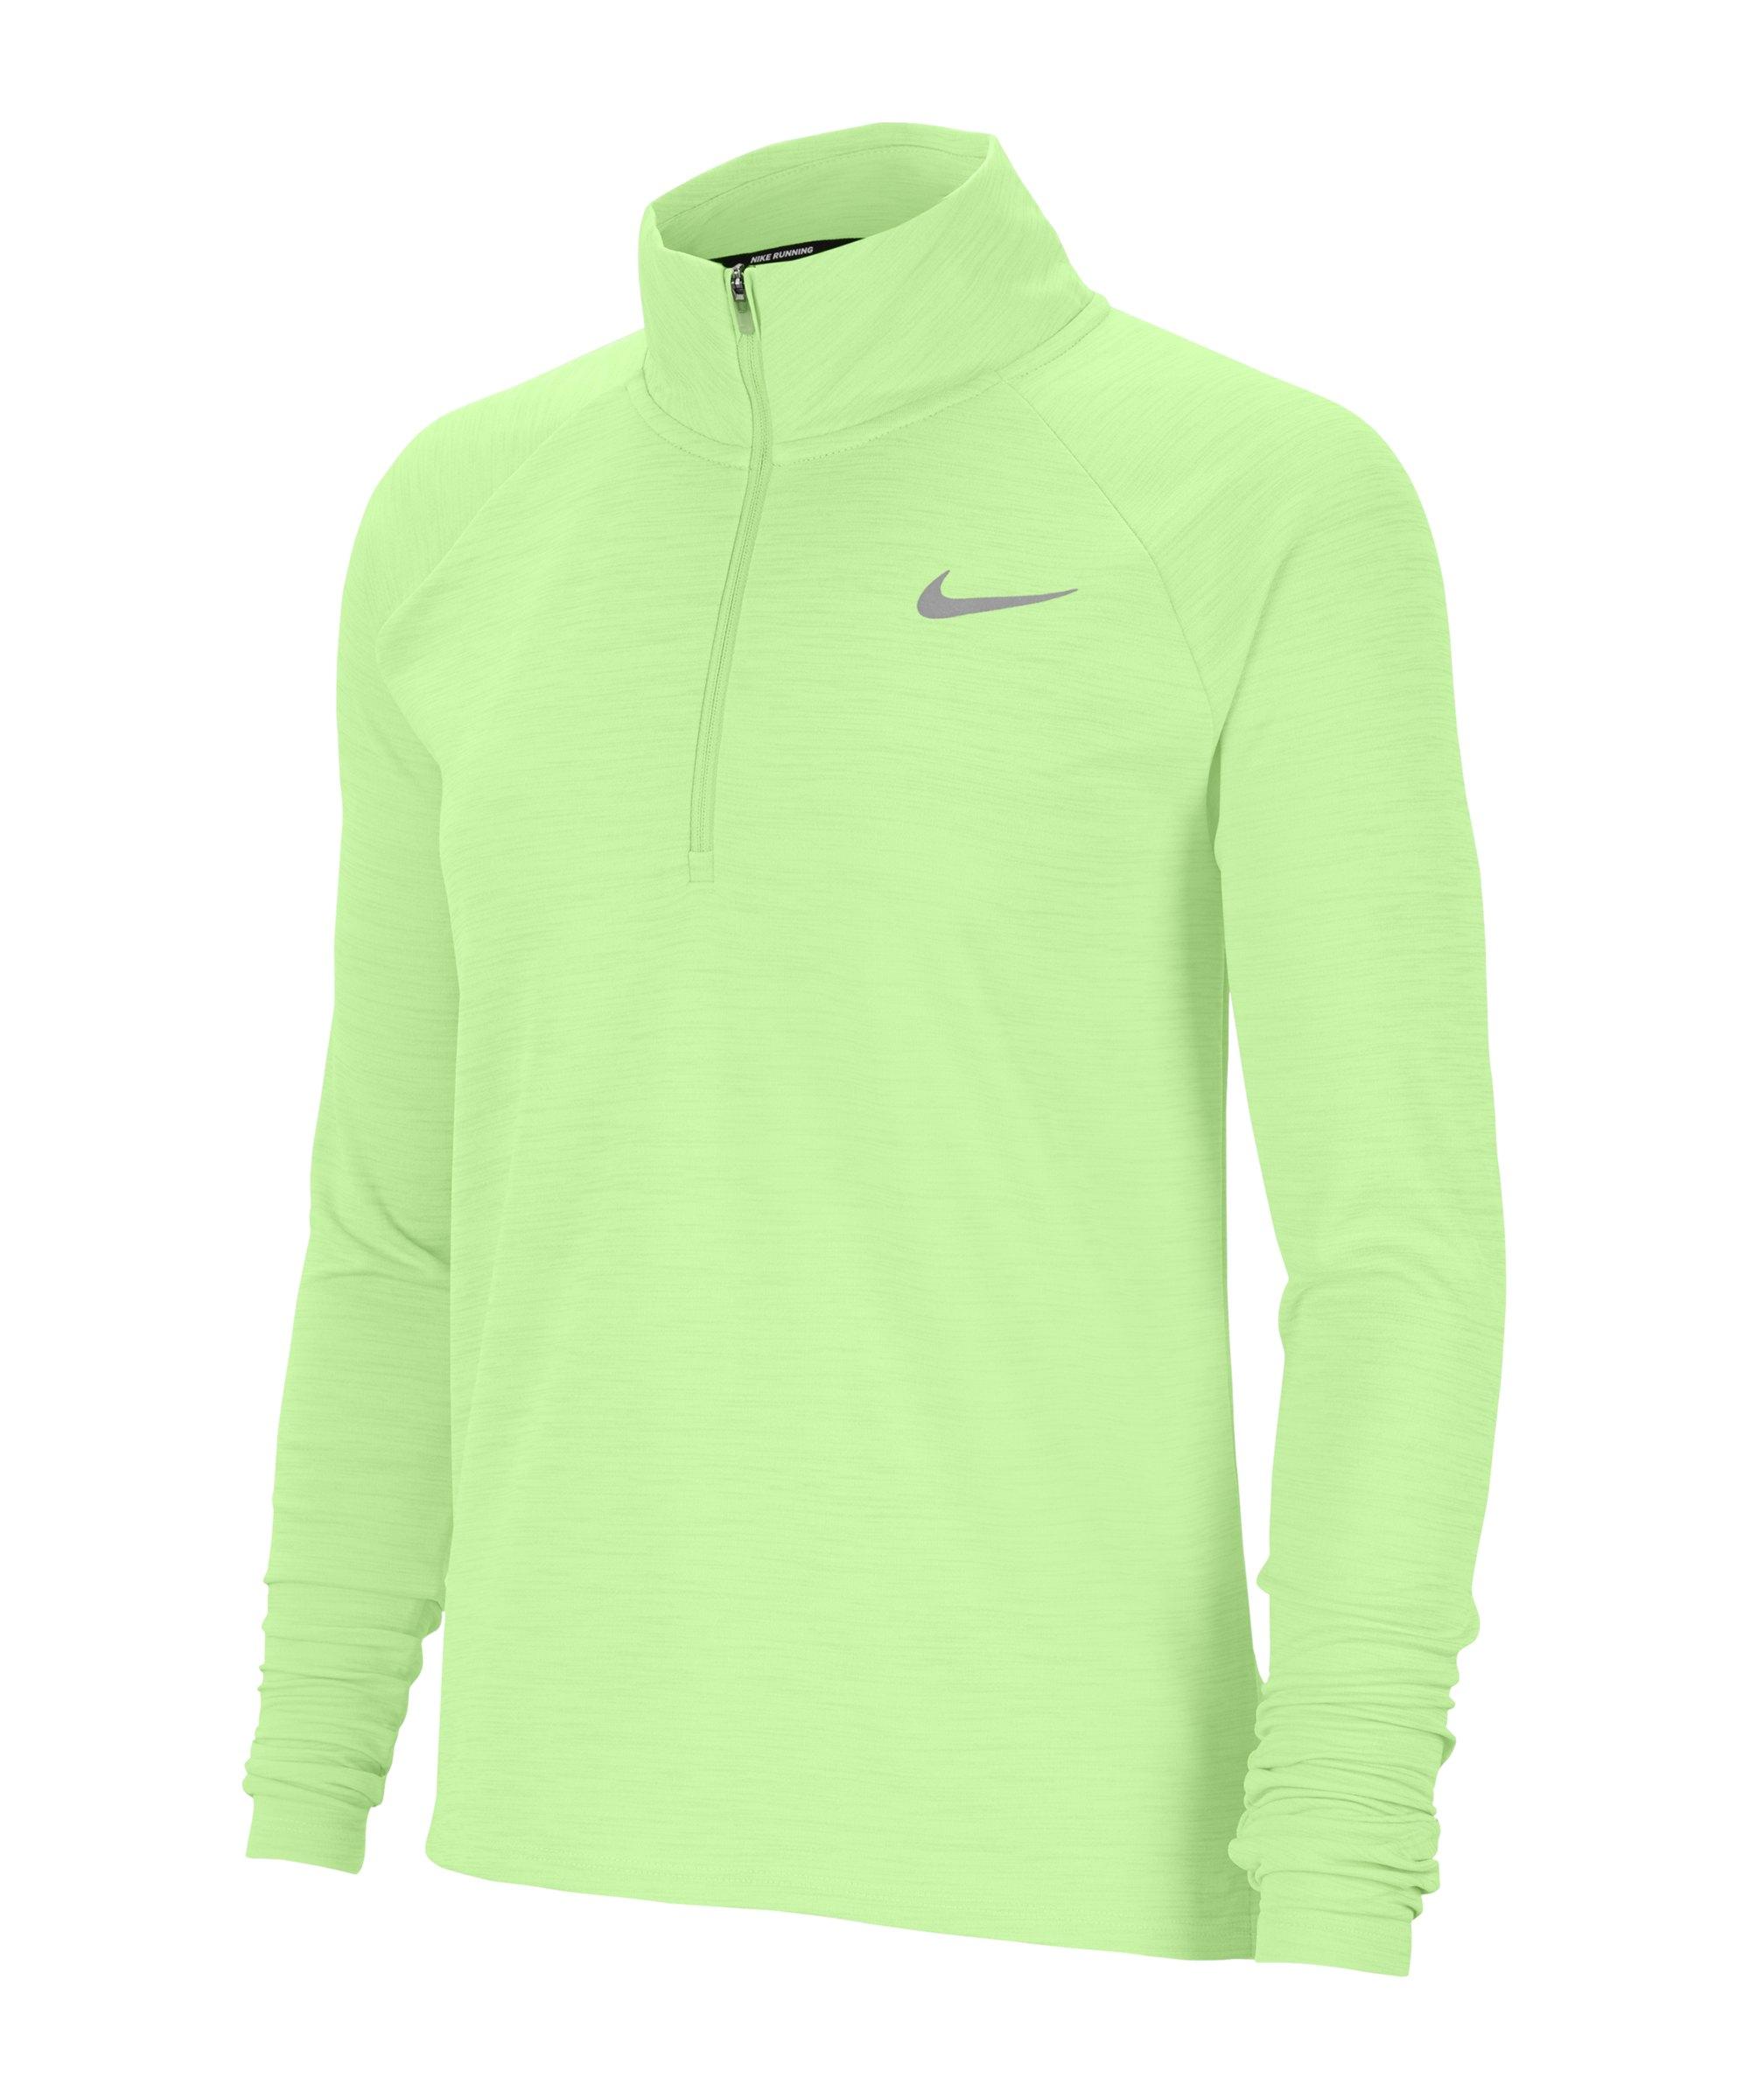 Nike Pacer Shirt langarm Running Damen F701 - gelb